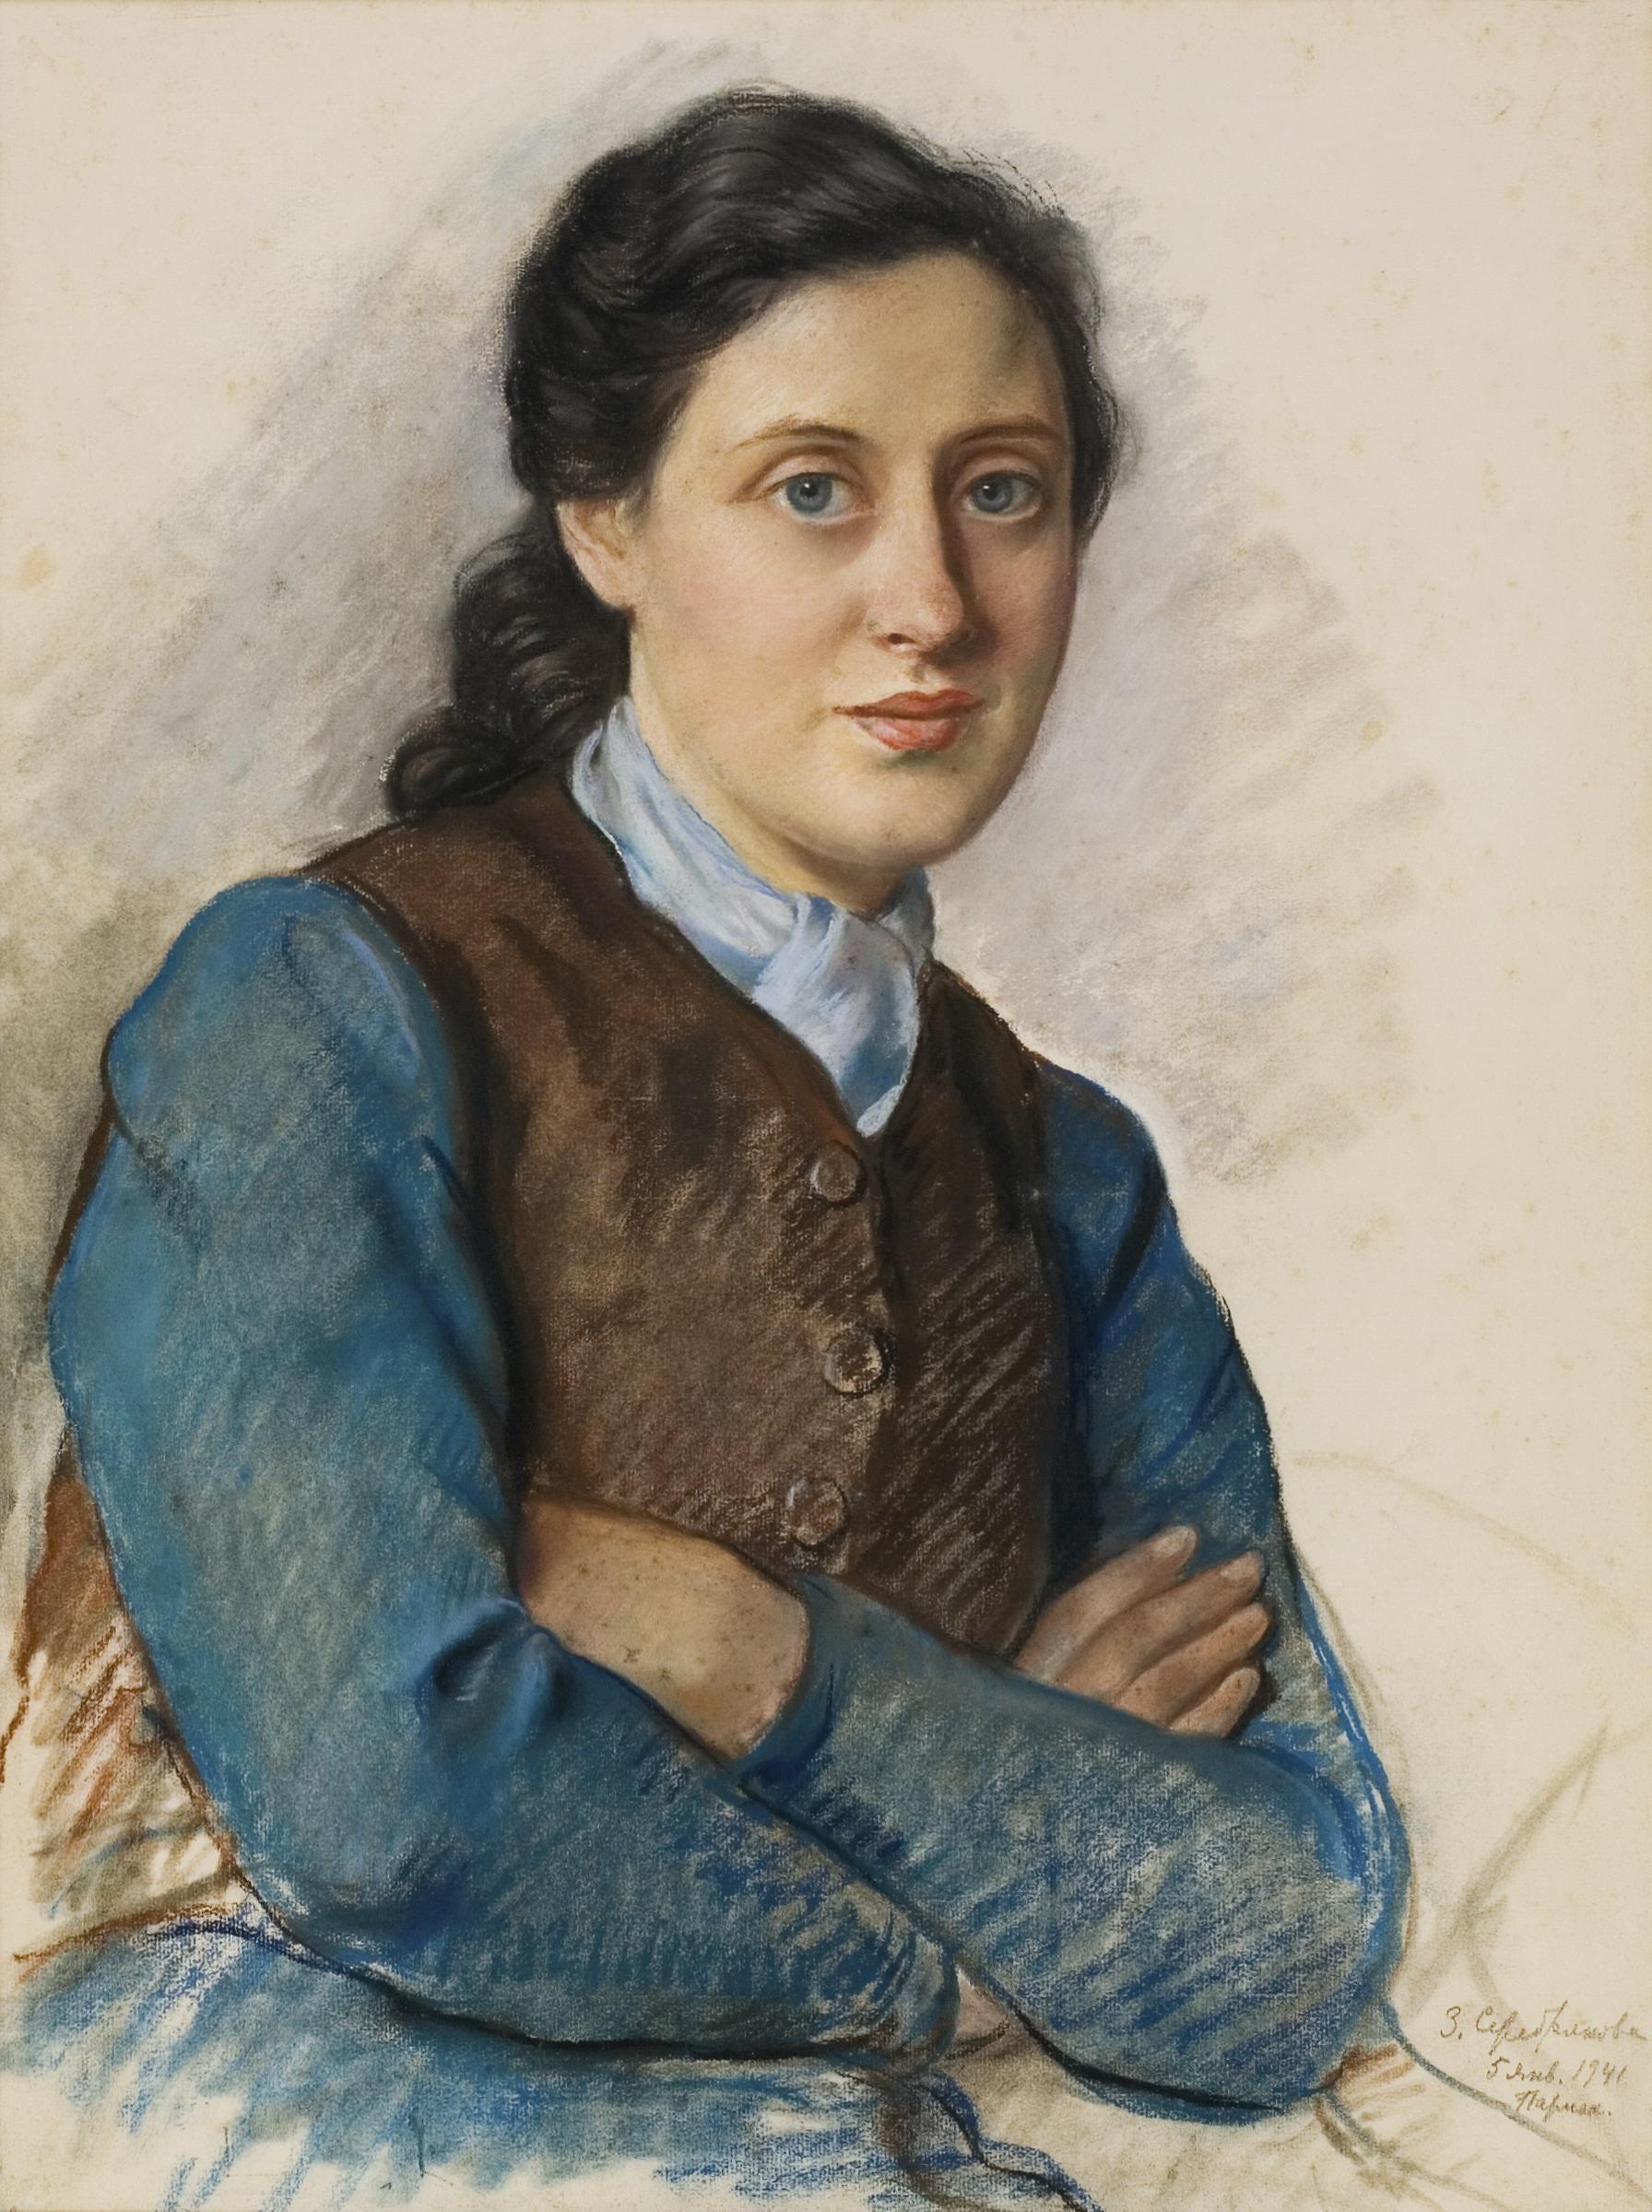 Зинаїда Серебрякова, «Портрет місіс Бейліц», 1941. З колекції Андрія Адамовського